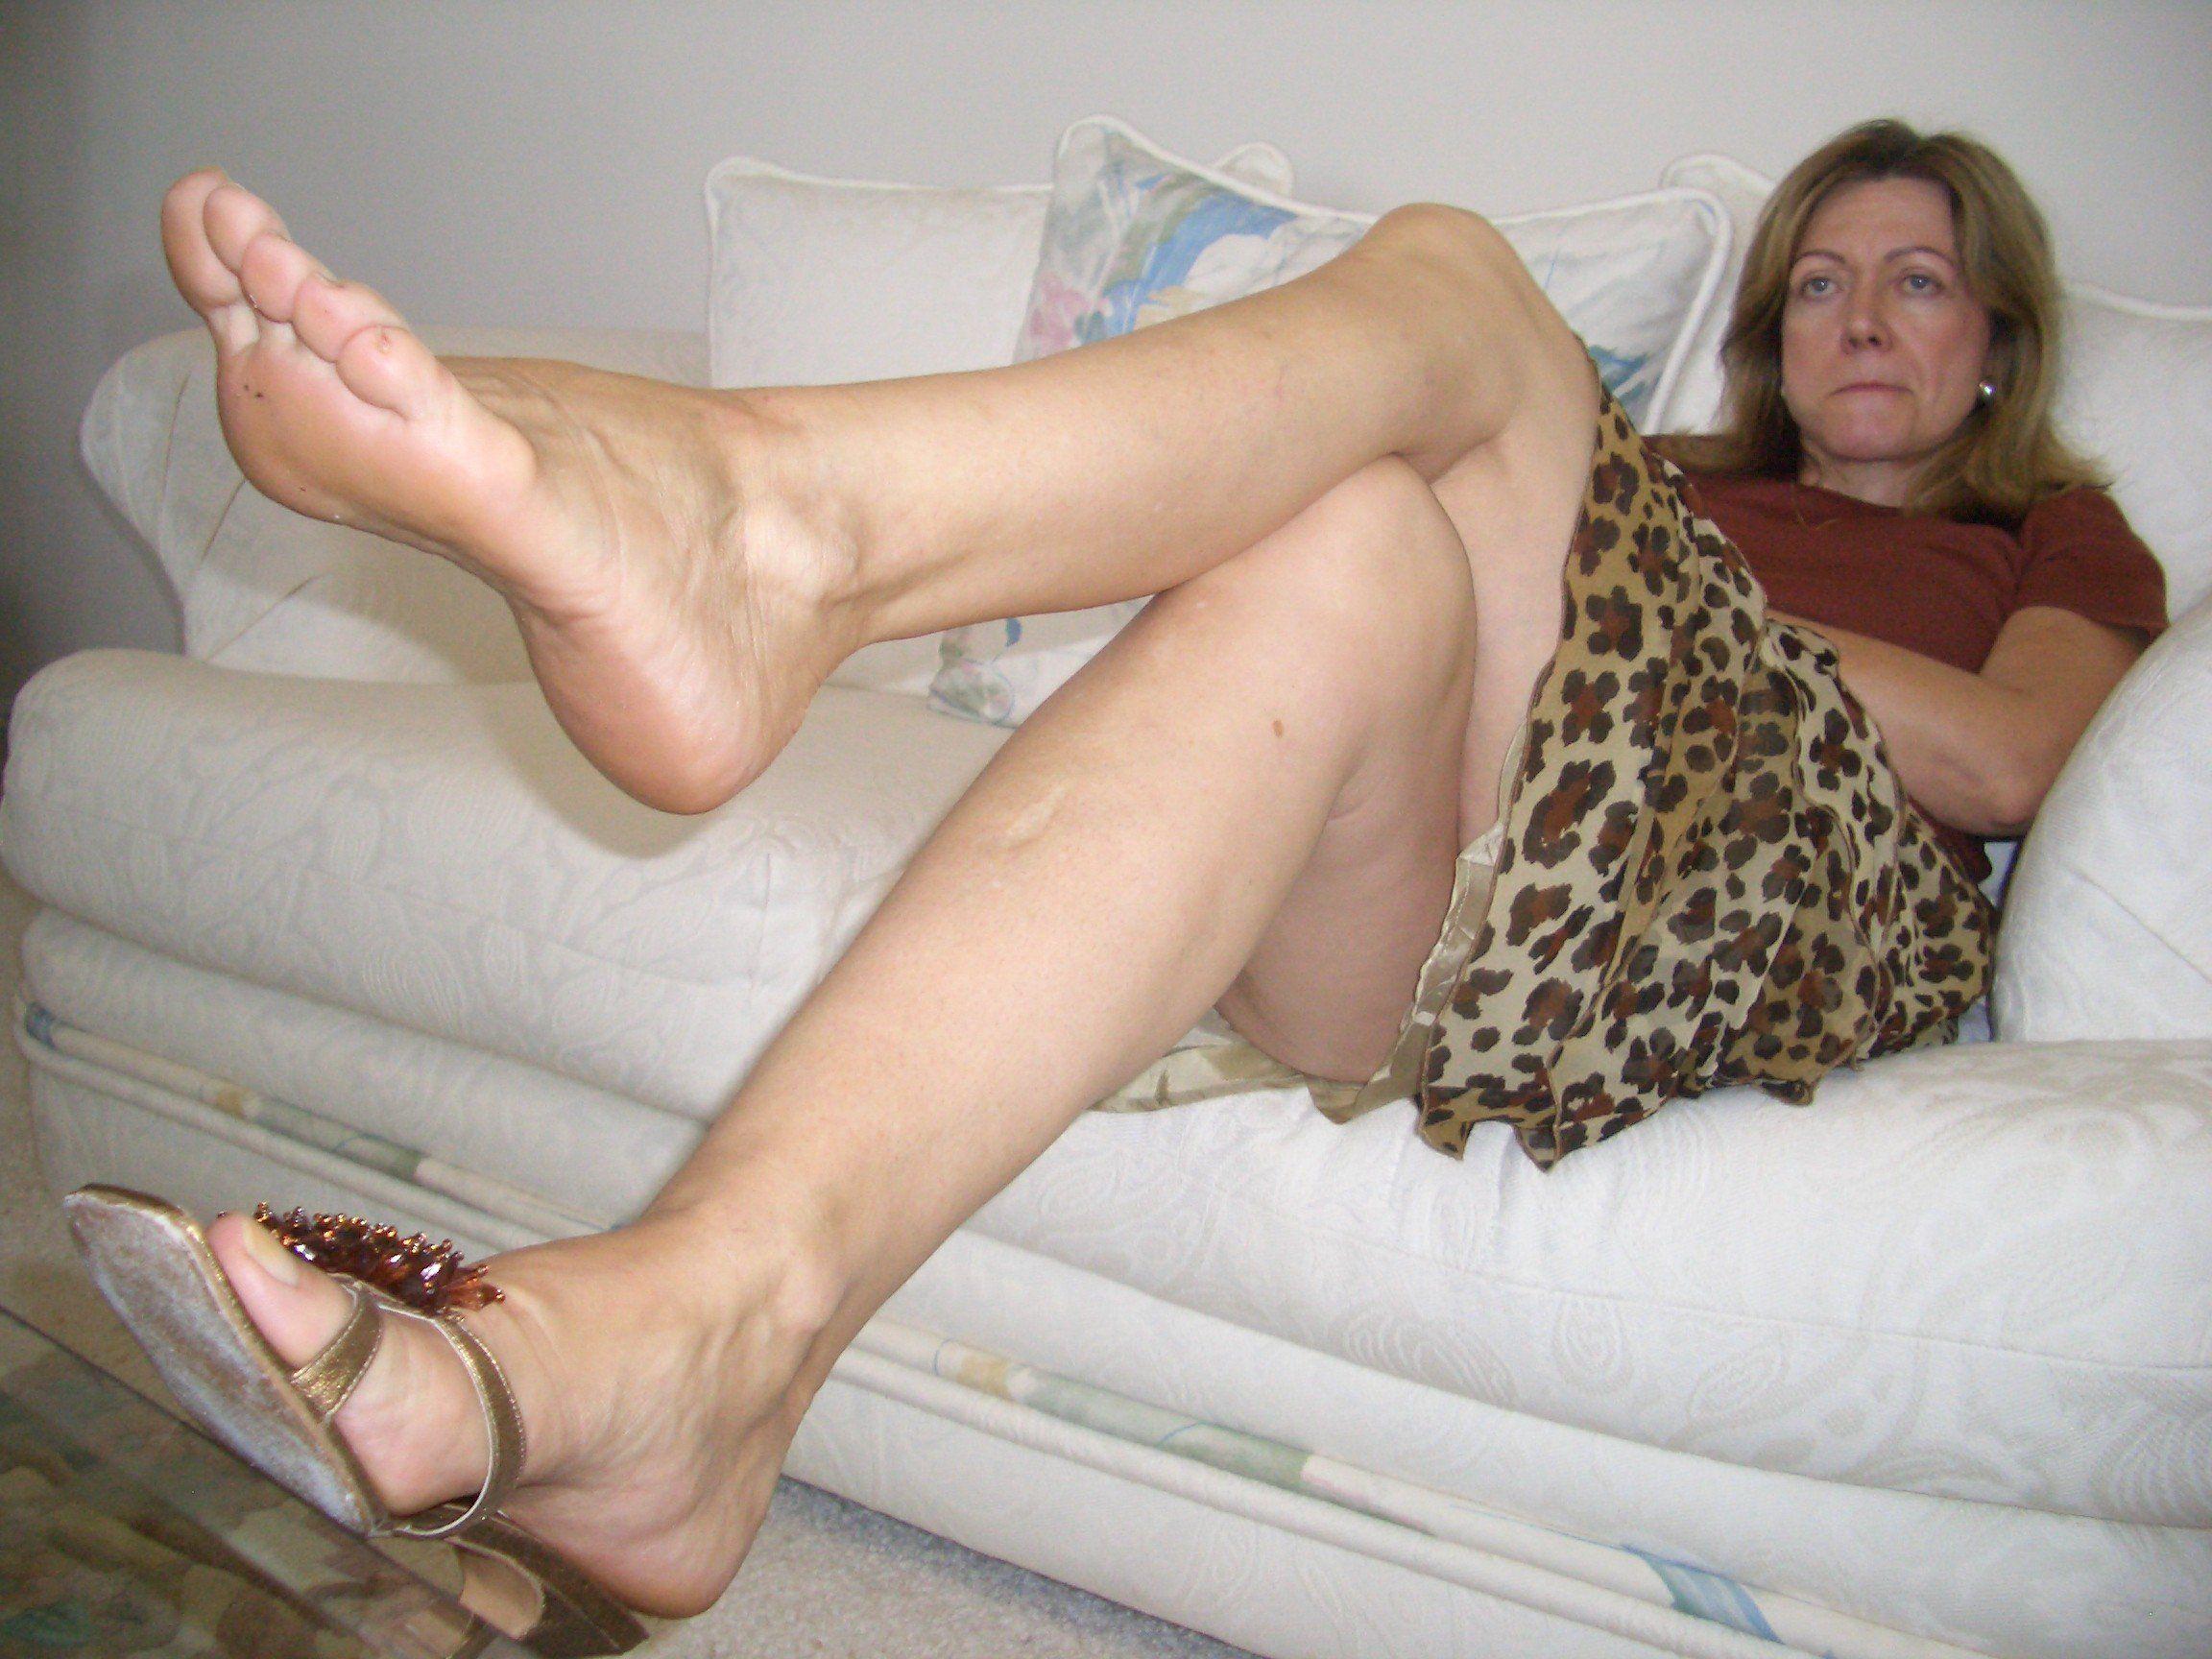 Bbw Feet Porn Tube hot chubby ass puss - xxx sex images.